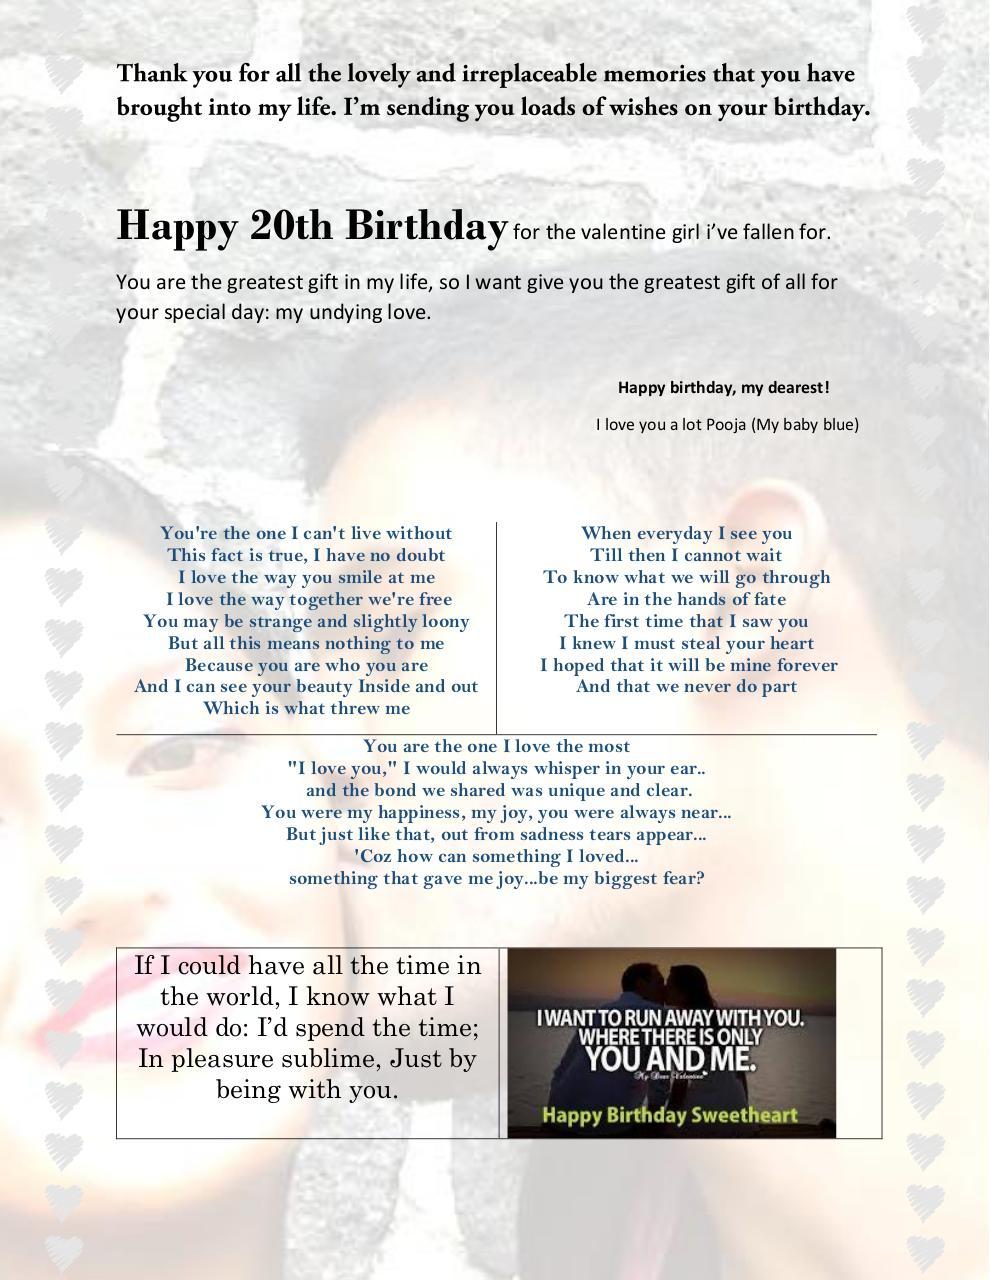 happy 20th birthday for the valentine girl i by keshav ujoodha pdf